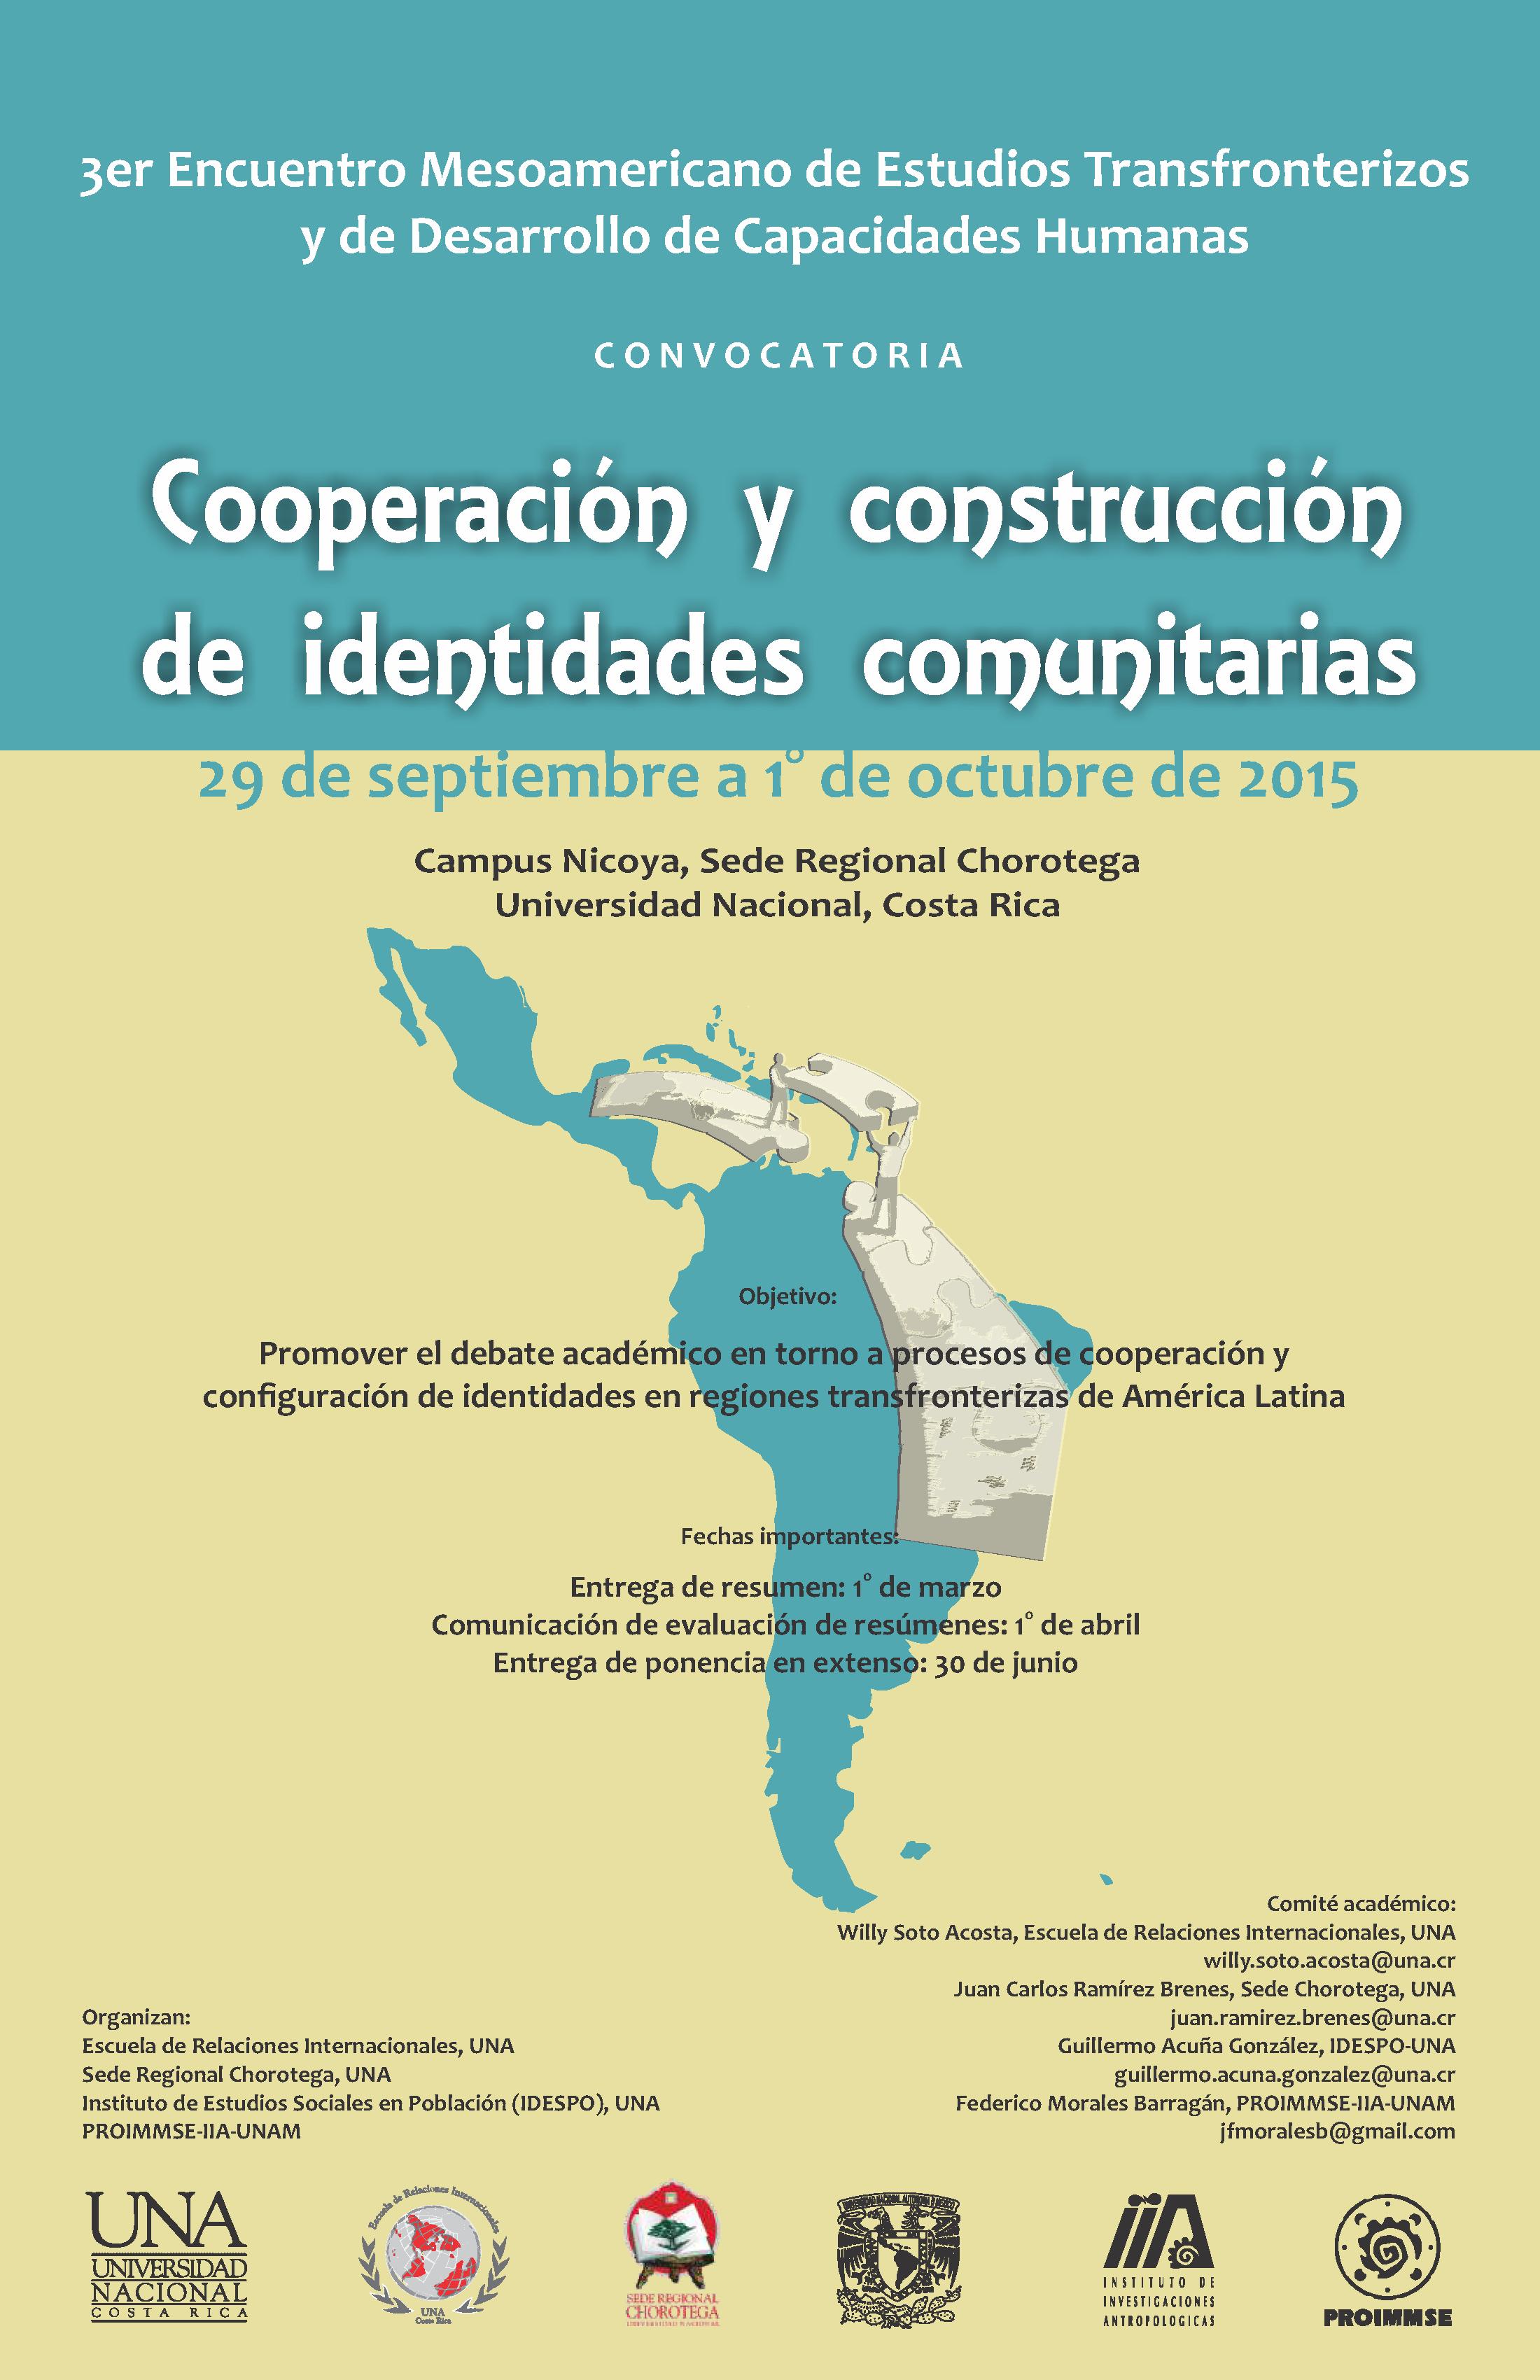 III Encuentro Estudios Transfronterizos UNAM-UNA